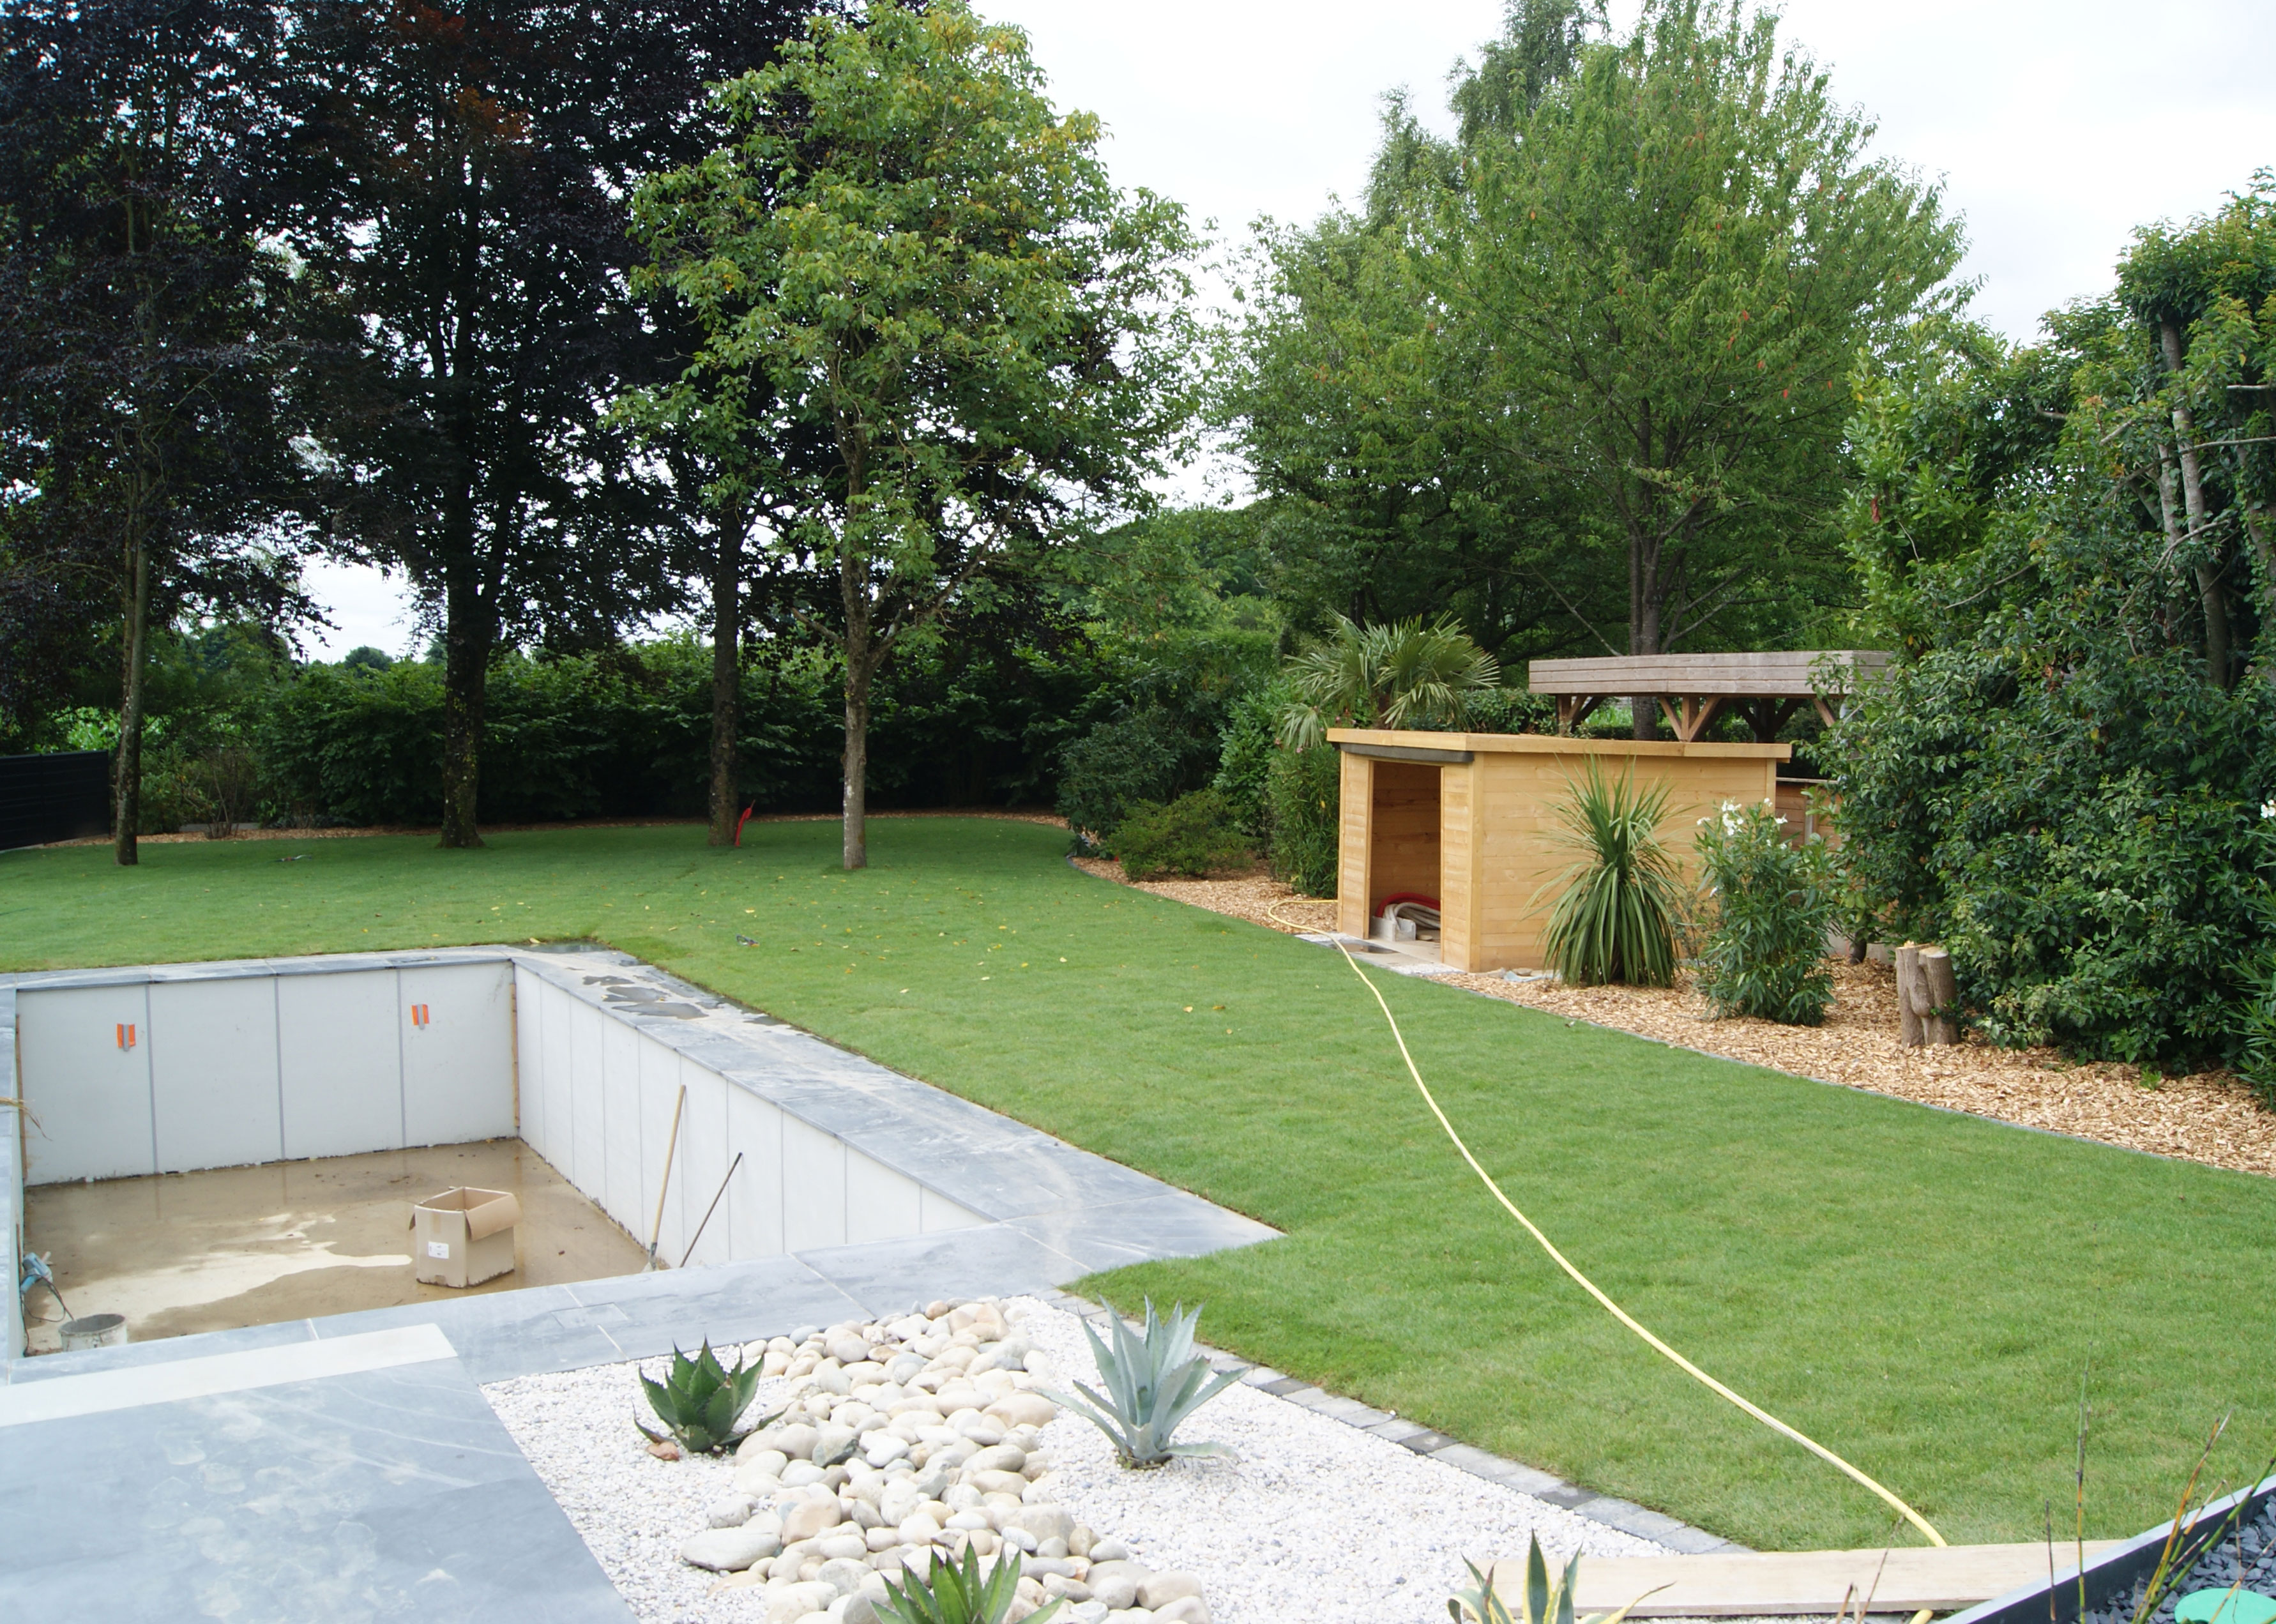 Gazon placage. Habillage piscine. Jardins des 4 Saisons. Guer, Ploërmel, Redon, Plélan-Le-Grand, Maure de Bretagne